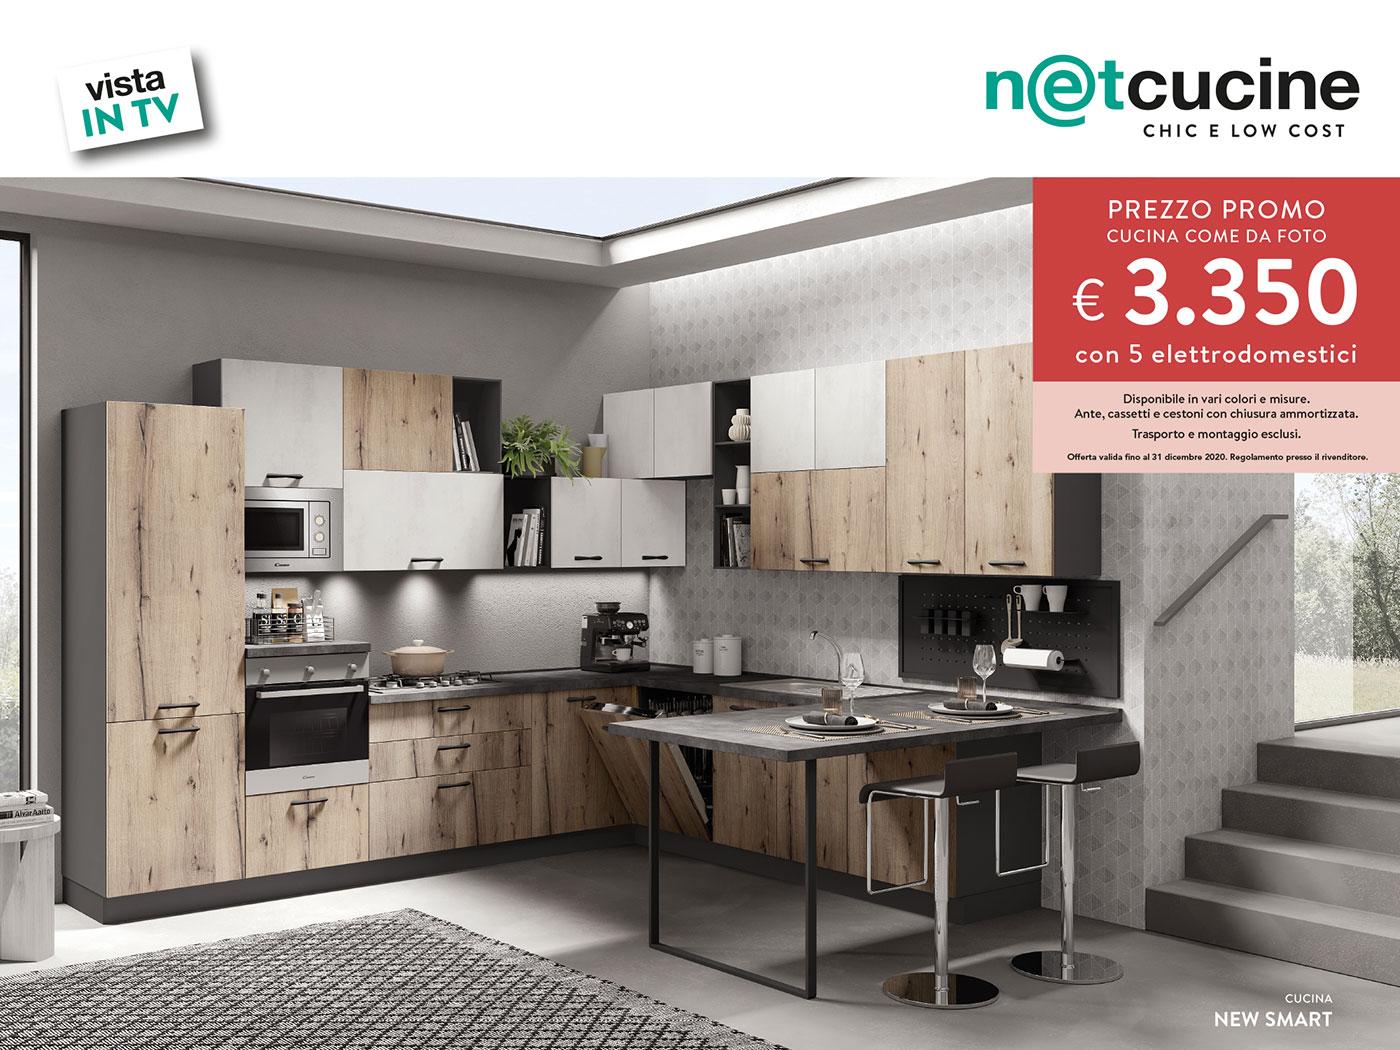 Promo vista in TV - Cucina Newsmart